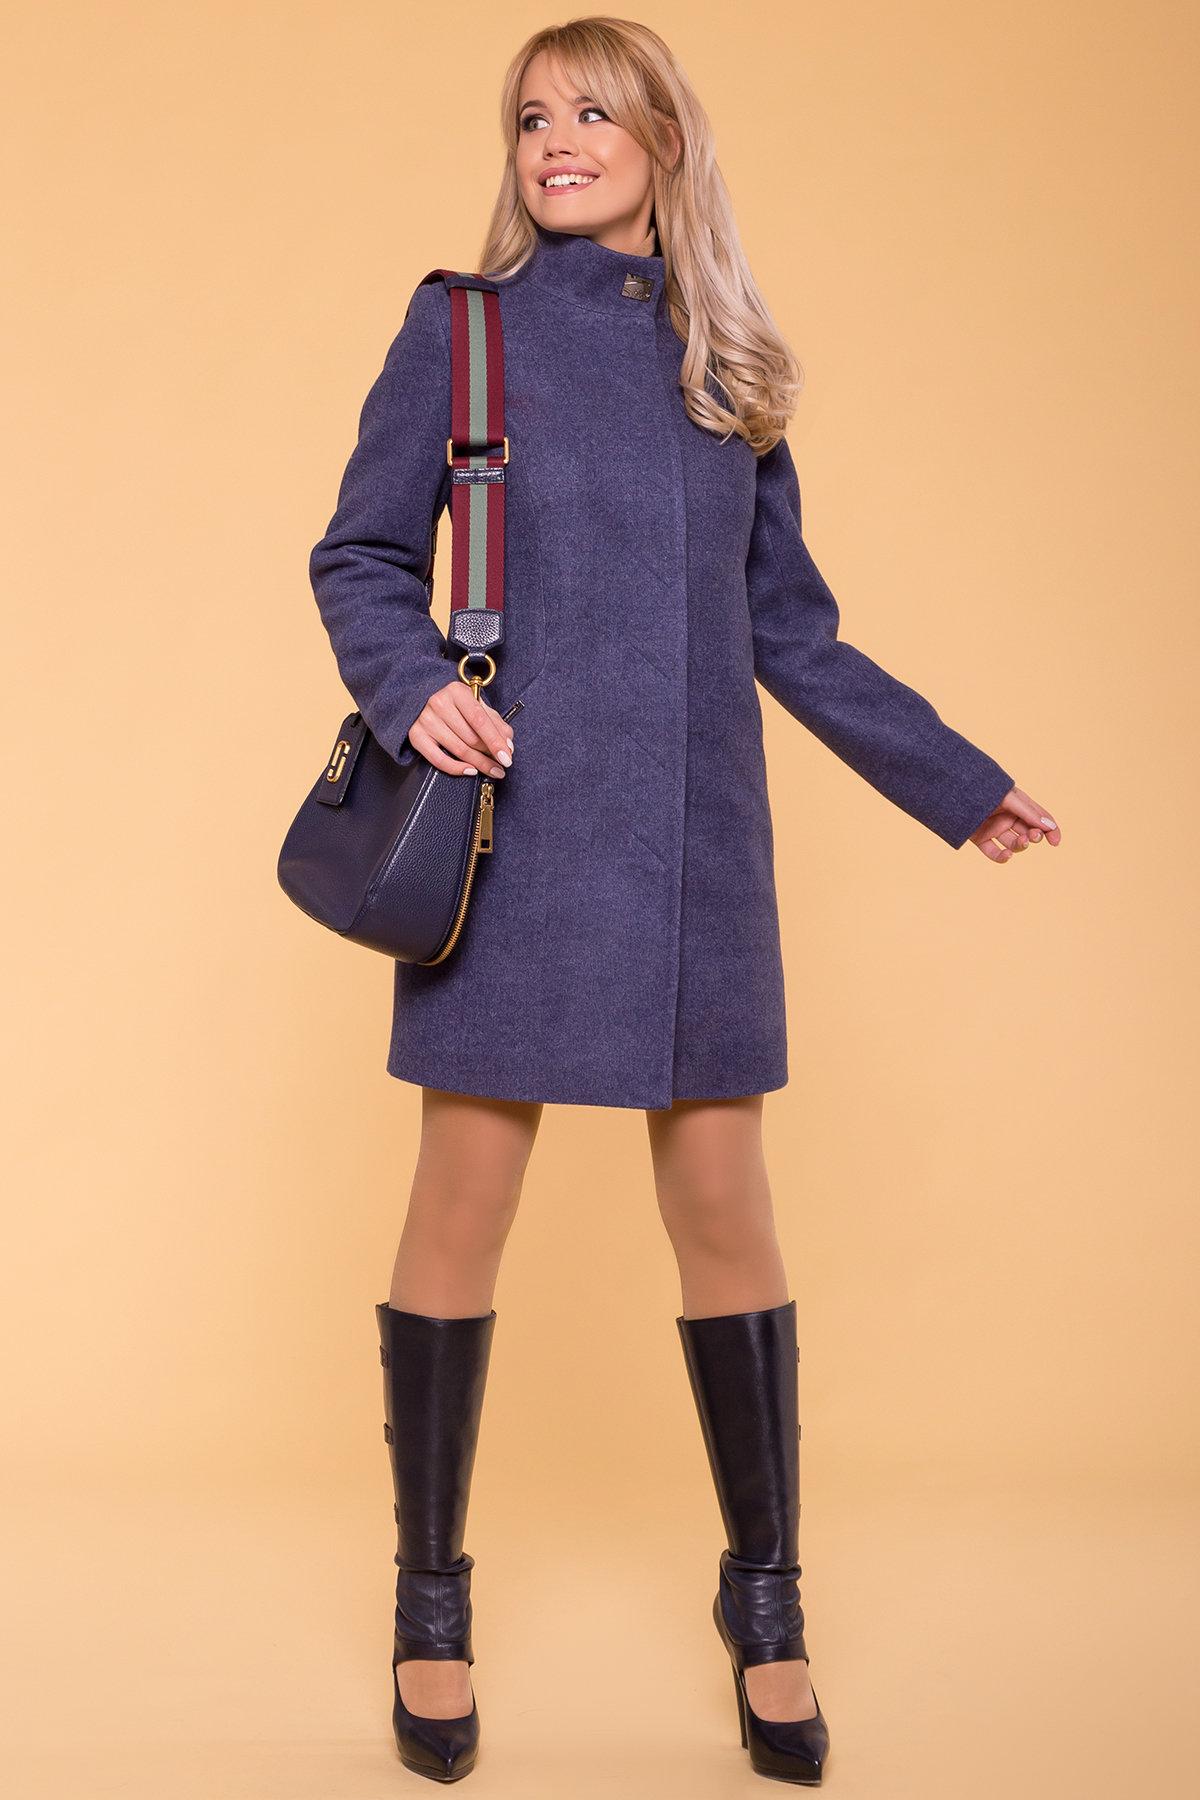 Зимнее пальто с шарфом Сплит 5834 Цвет: Джинс 57